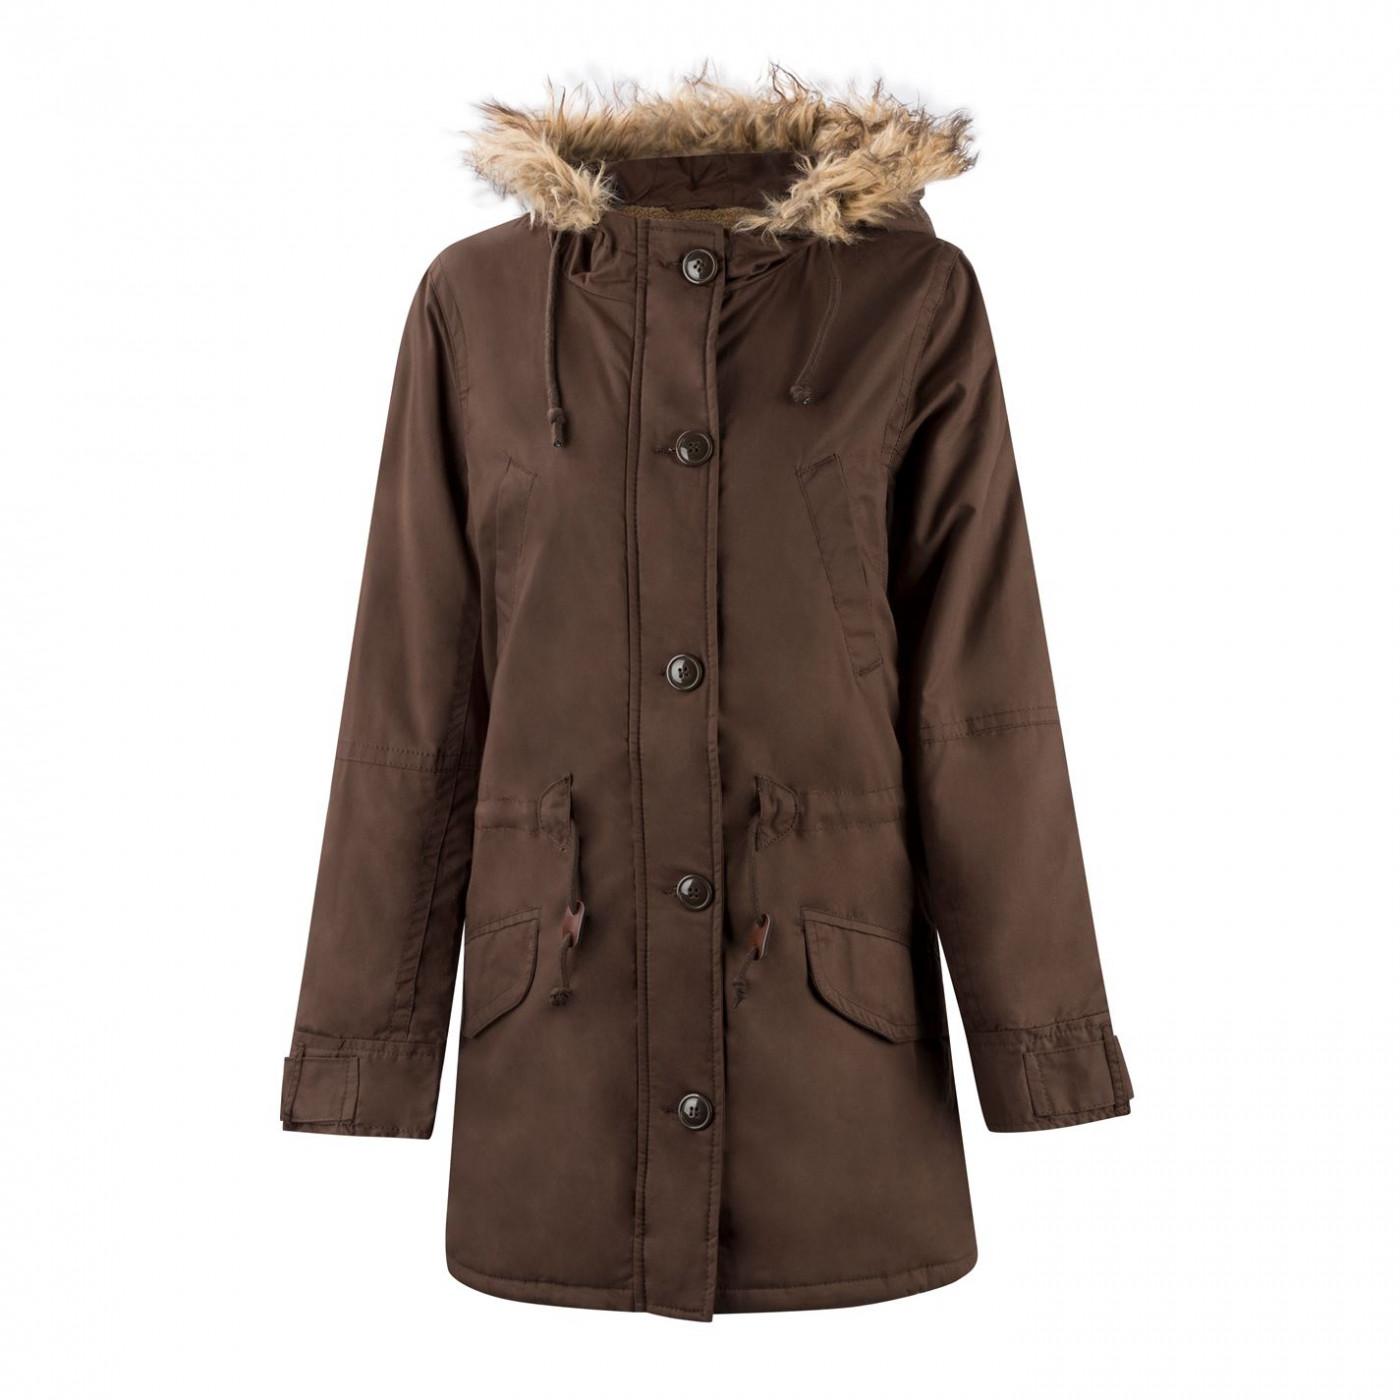 Lee Cooper Fur Lined Jacket Ladies